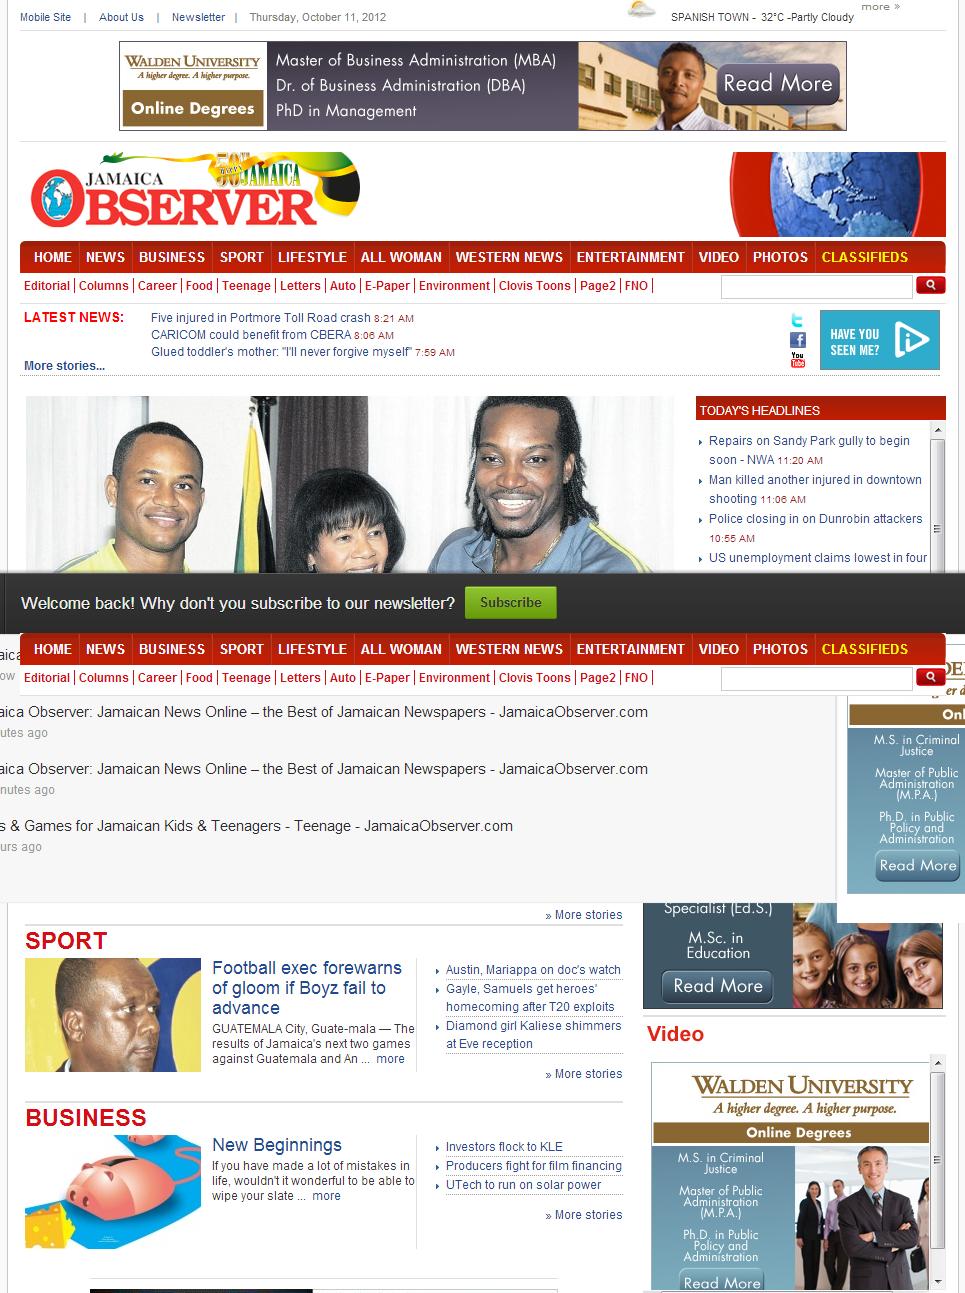 HISTÓRIA DO REGGAE: JAMAICA OBSERVER